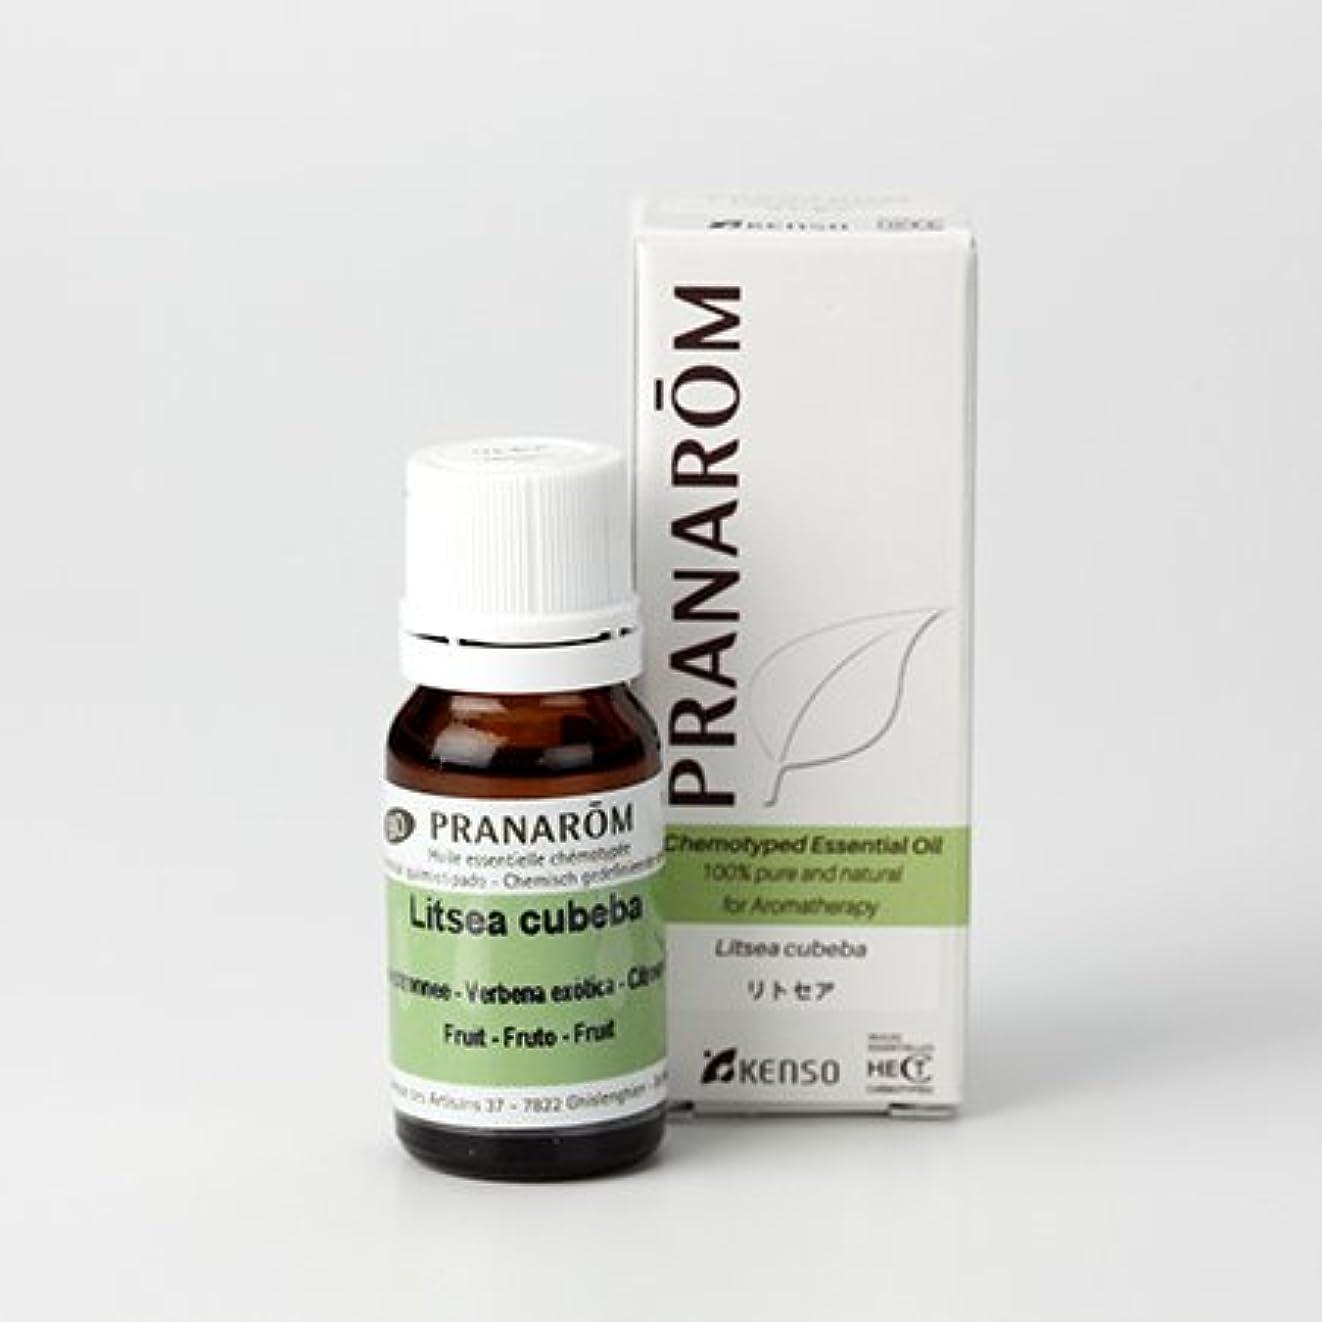 マウント逃げる対応プラナロム ( PRANAROM ) 精油 リトセア 10ml p-107